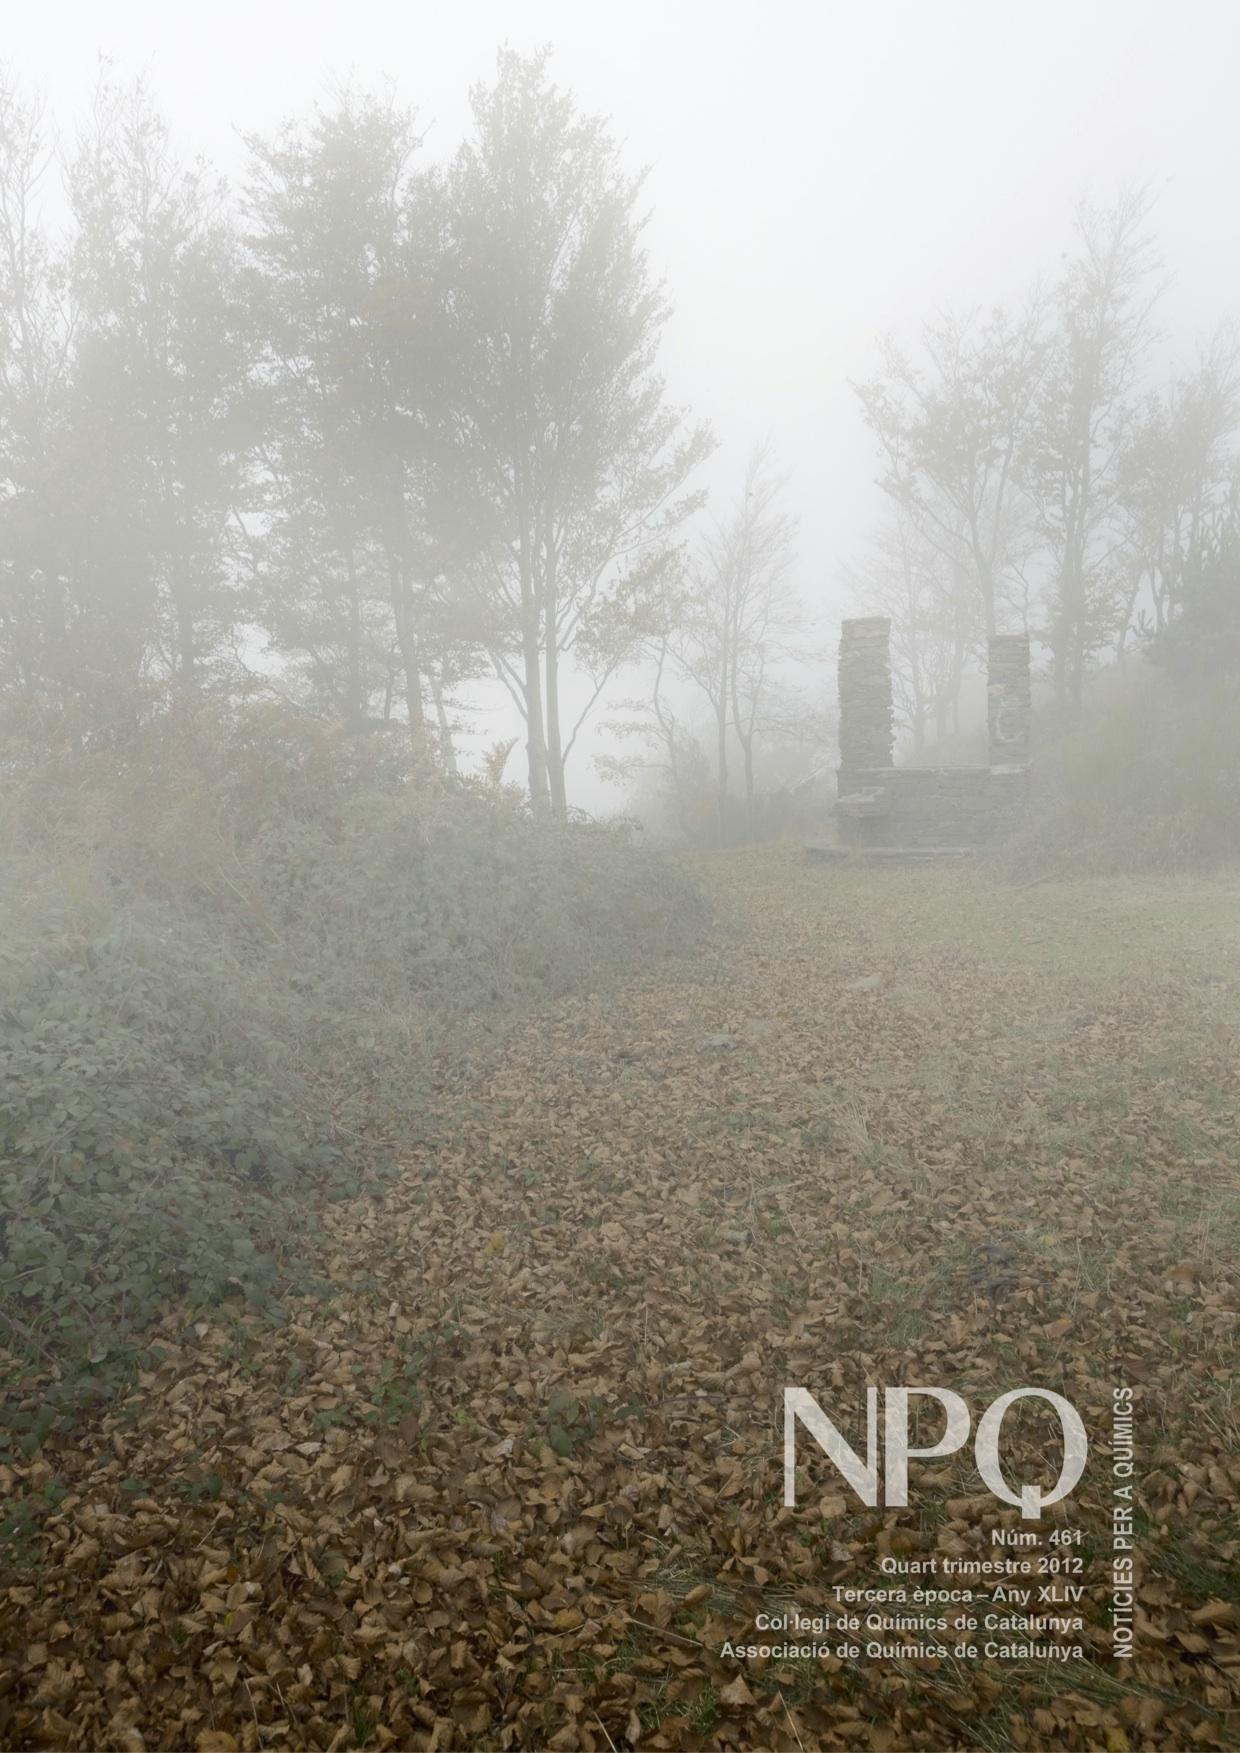 NPQ 461